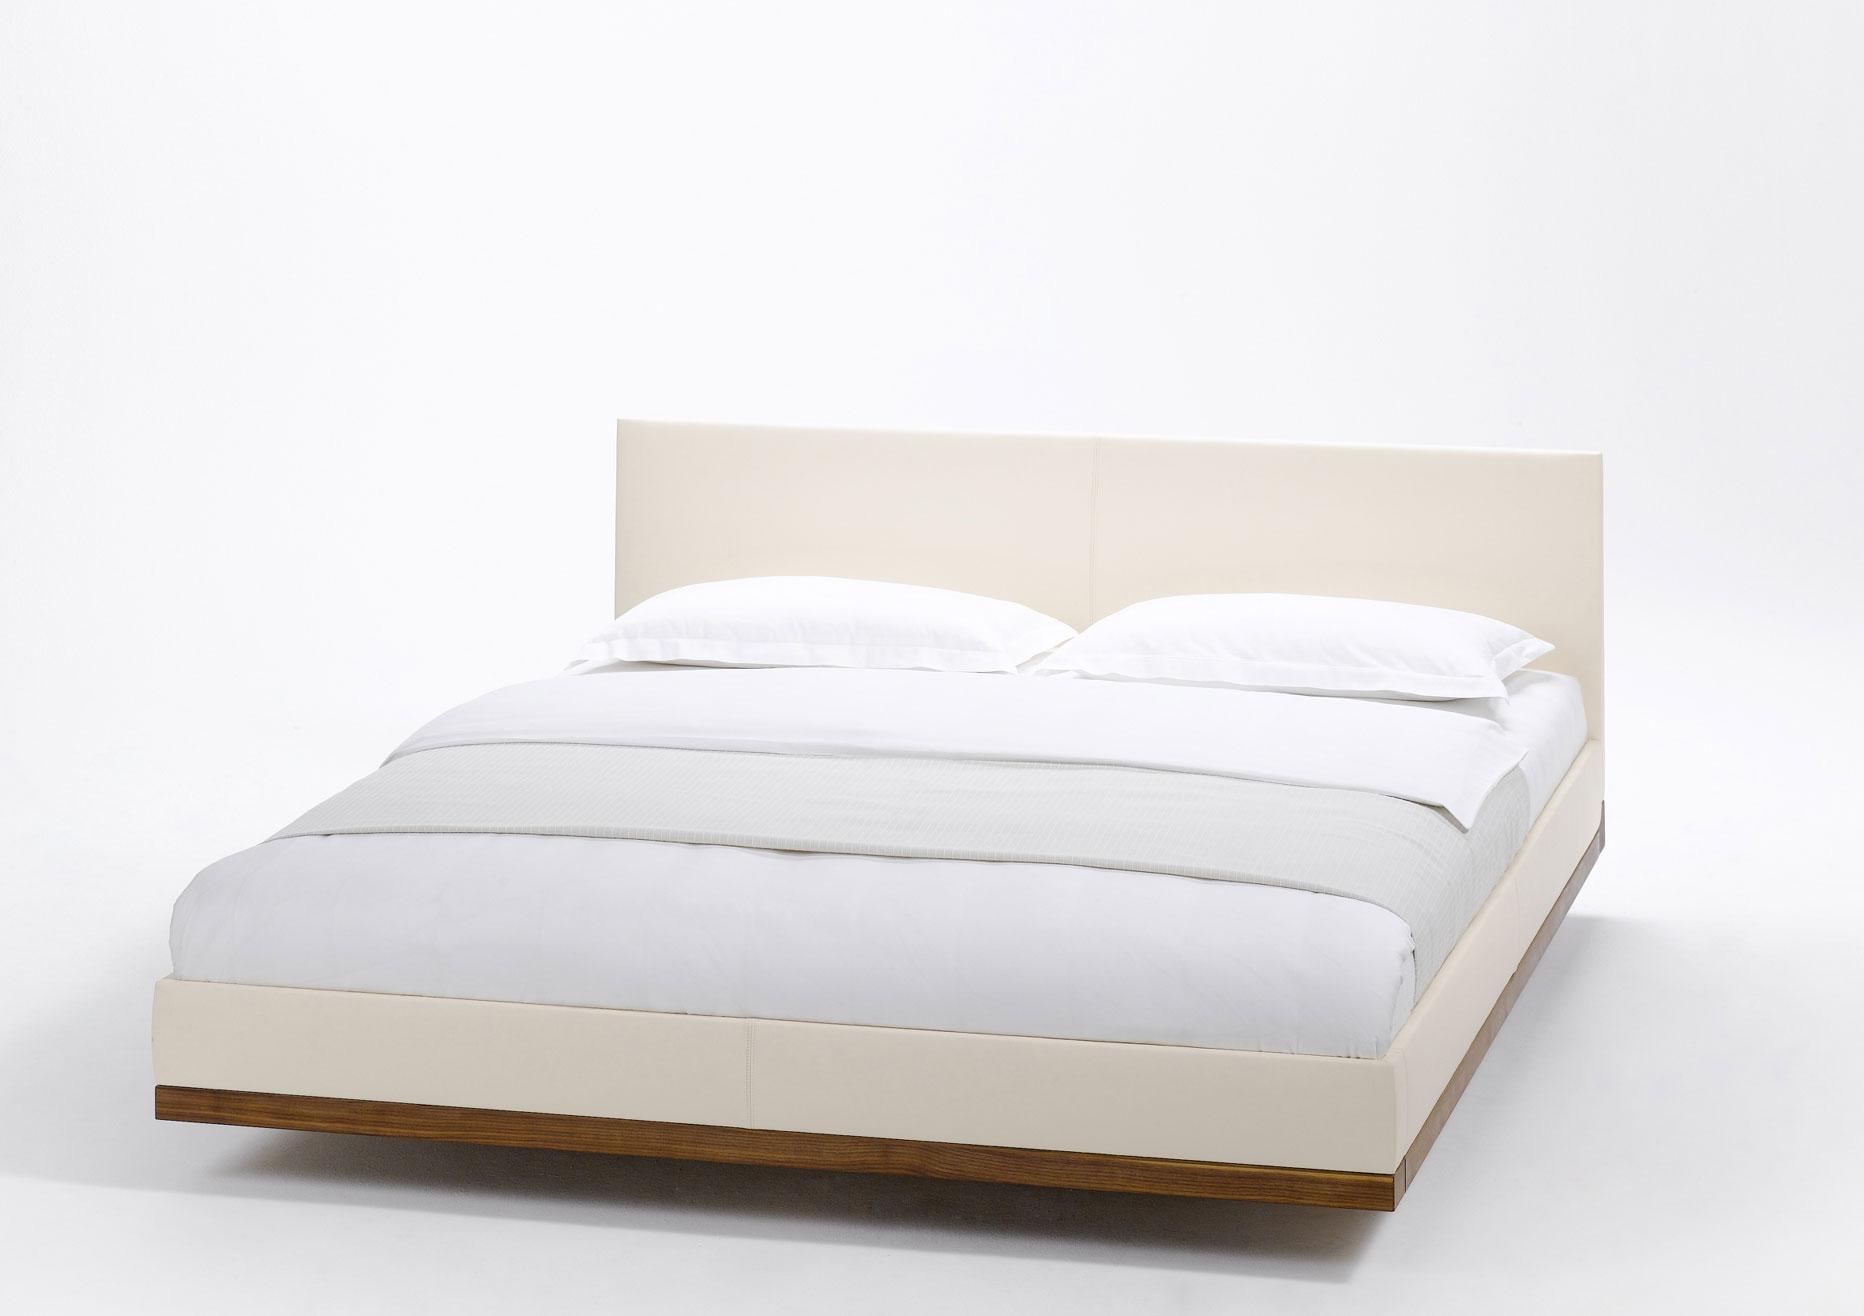 riletto mit polsterhaupt und lederbettseiten team 7 bett. Black Bedroom Furniture Sets. Home Design Ideas